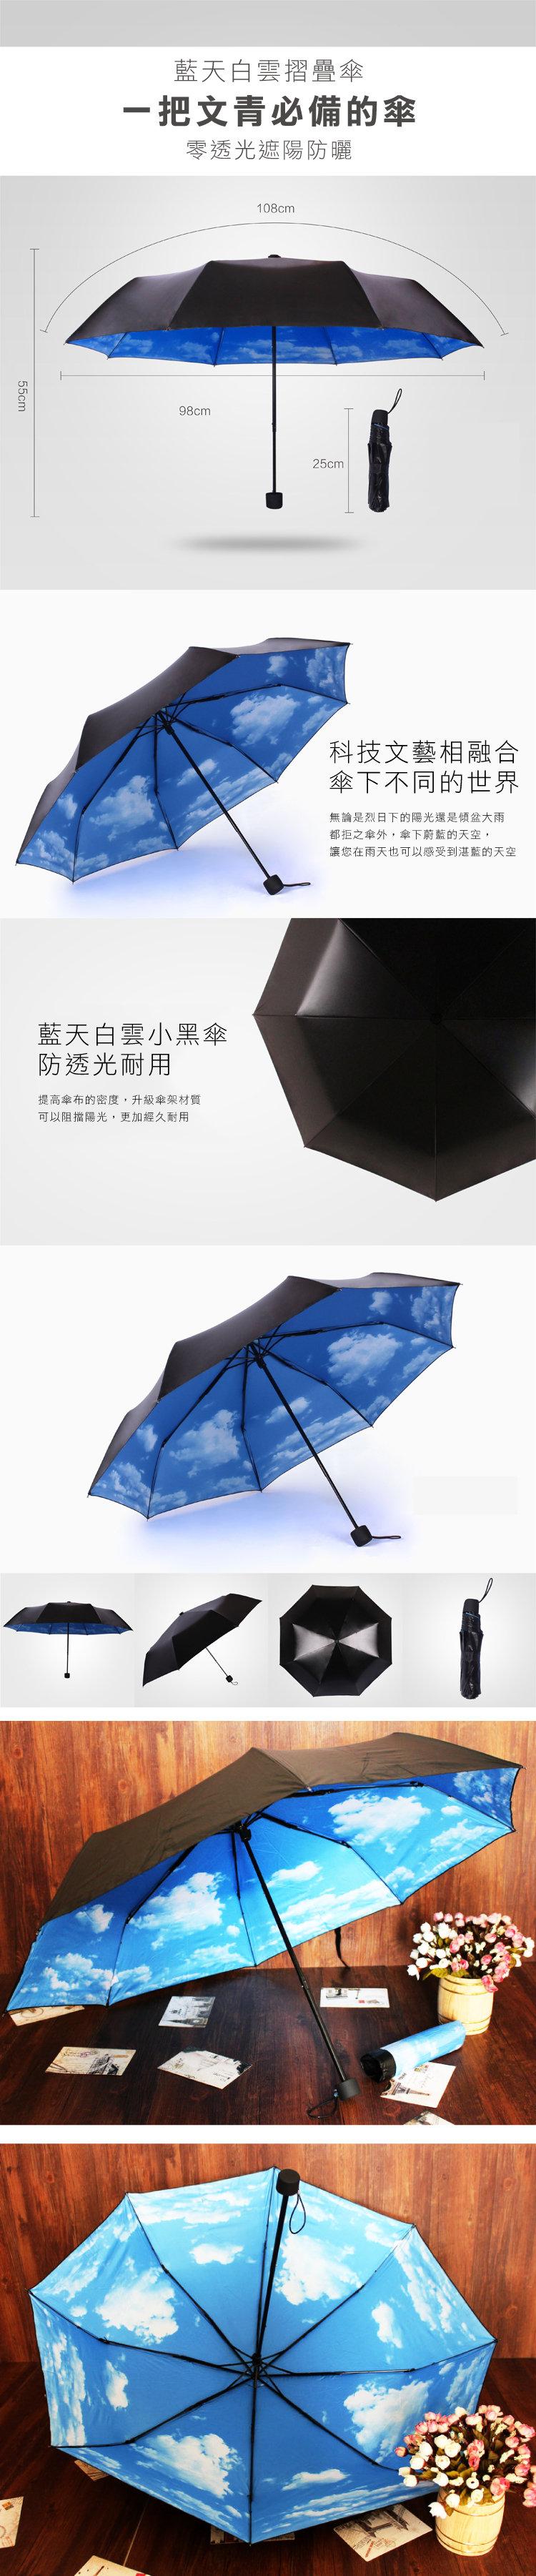 ps mall 蓝天白云太阳伞 外面是黑胶 防晒防紫外线阳伞【j2421】